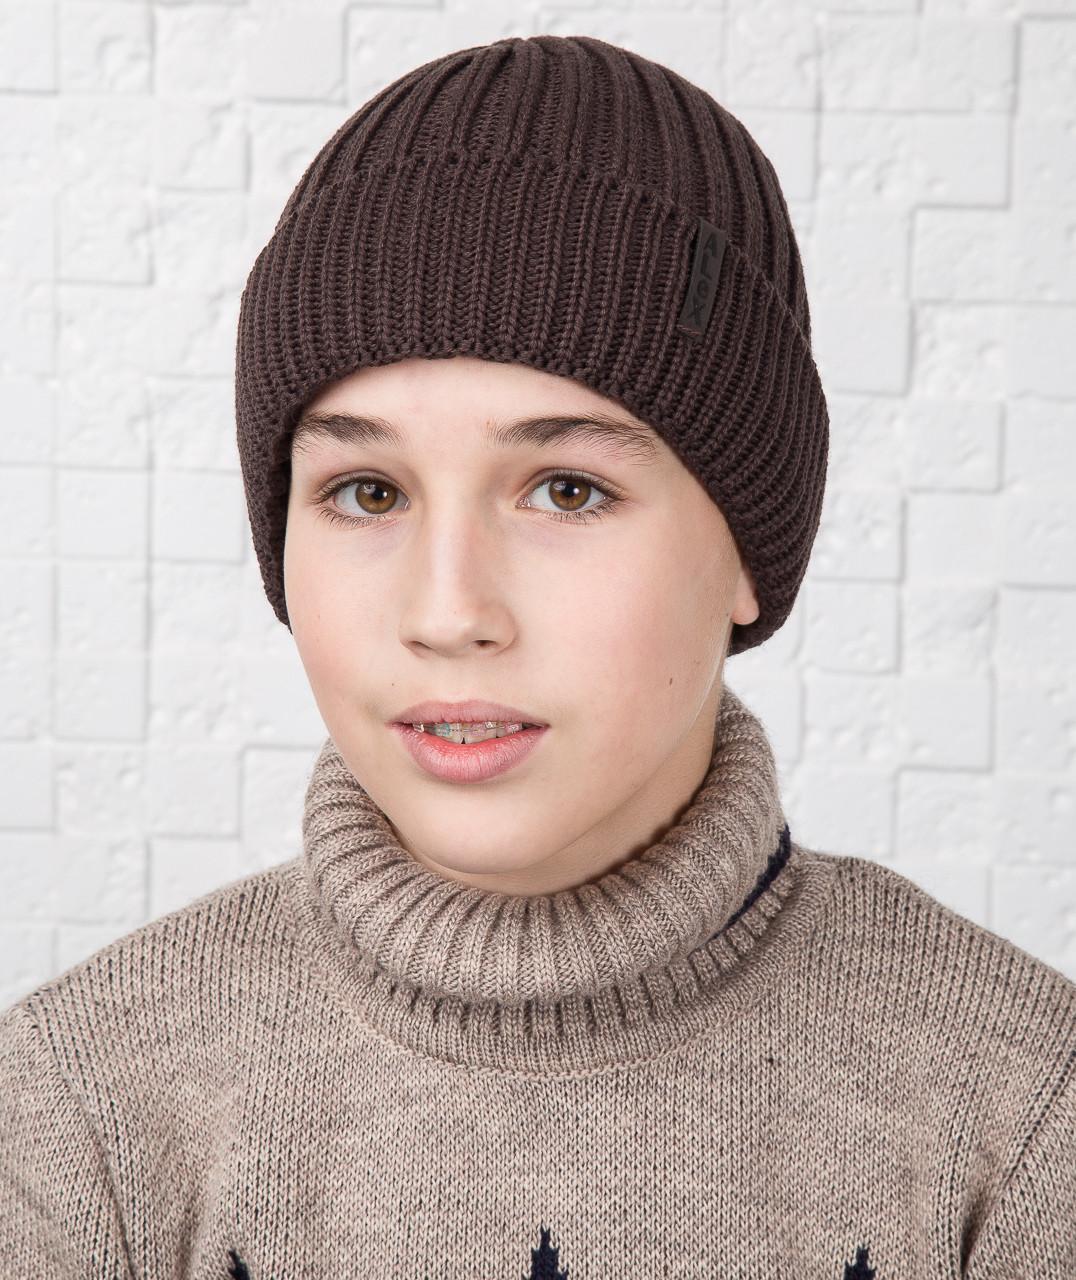 Зимняя вязаная шапка для мальчика подростка на флисе - Артикул AL17022